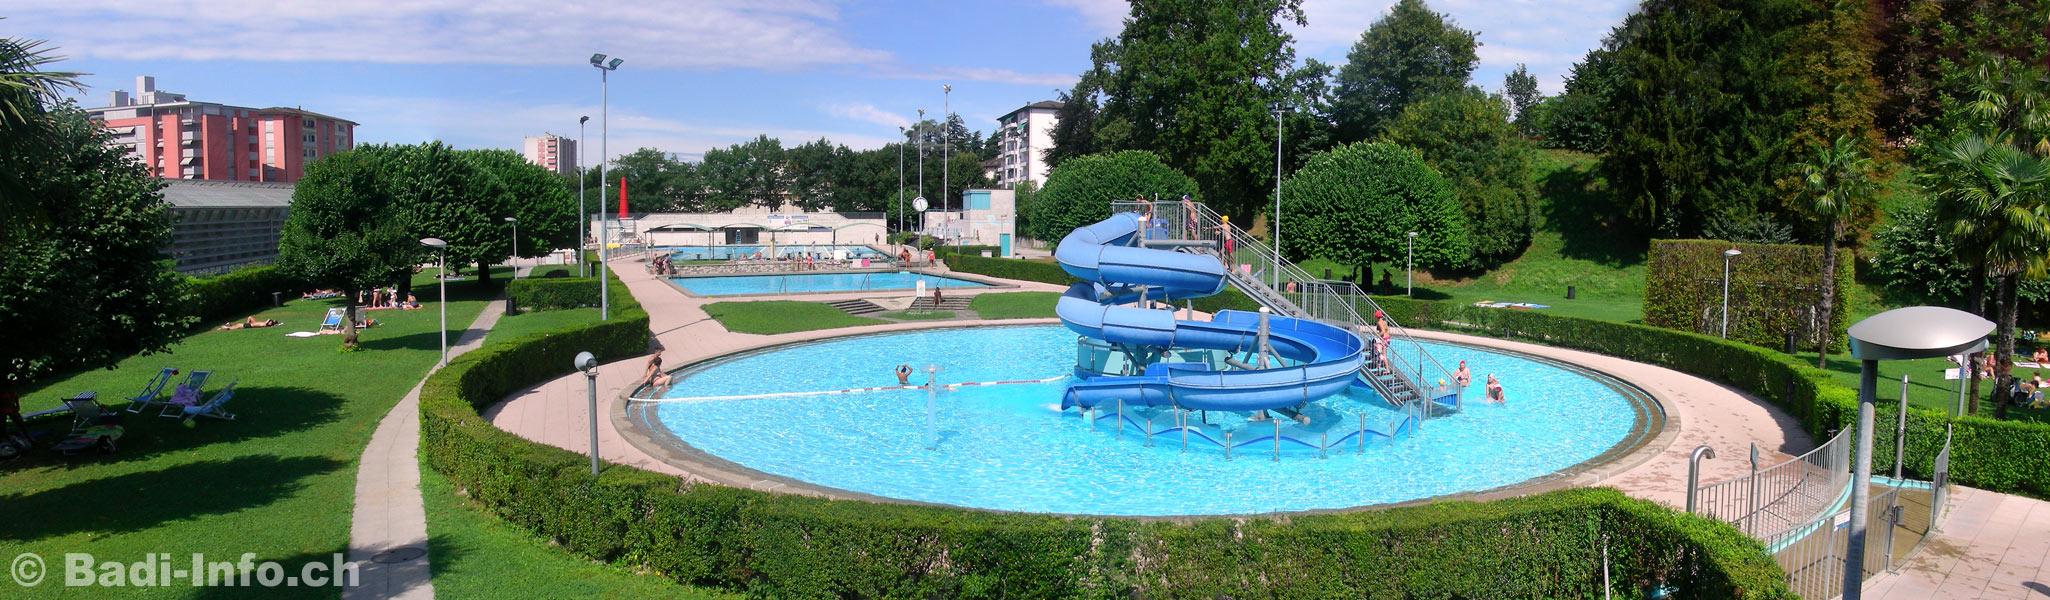 Piscina comunale di chiasso - Piscina comunale livorno corsi acquagym ...